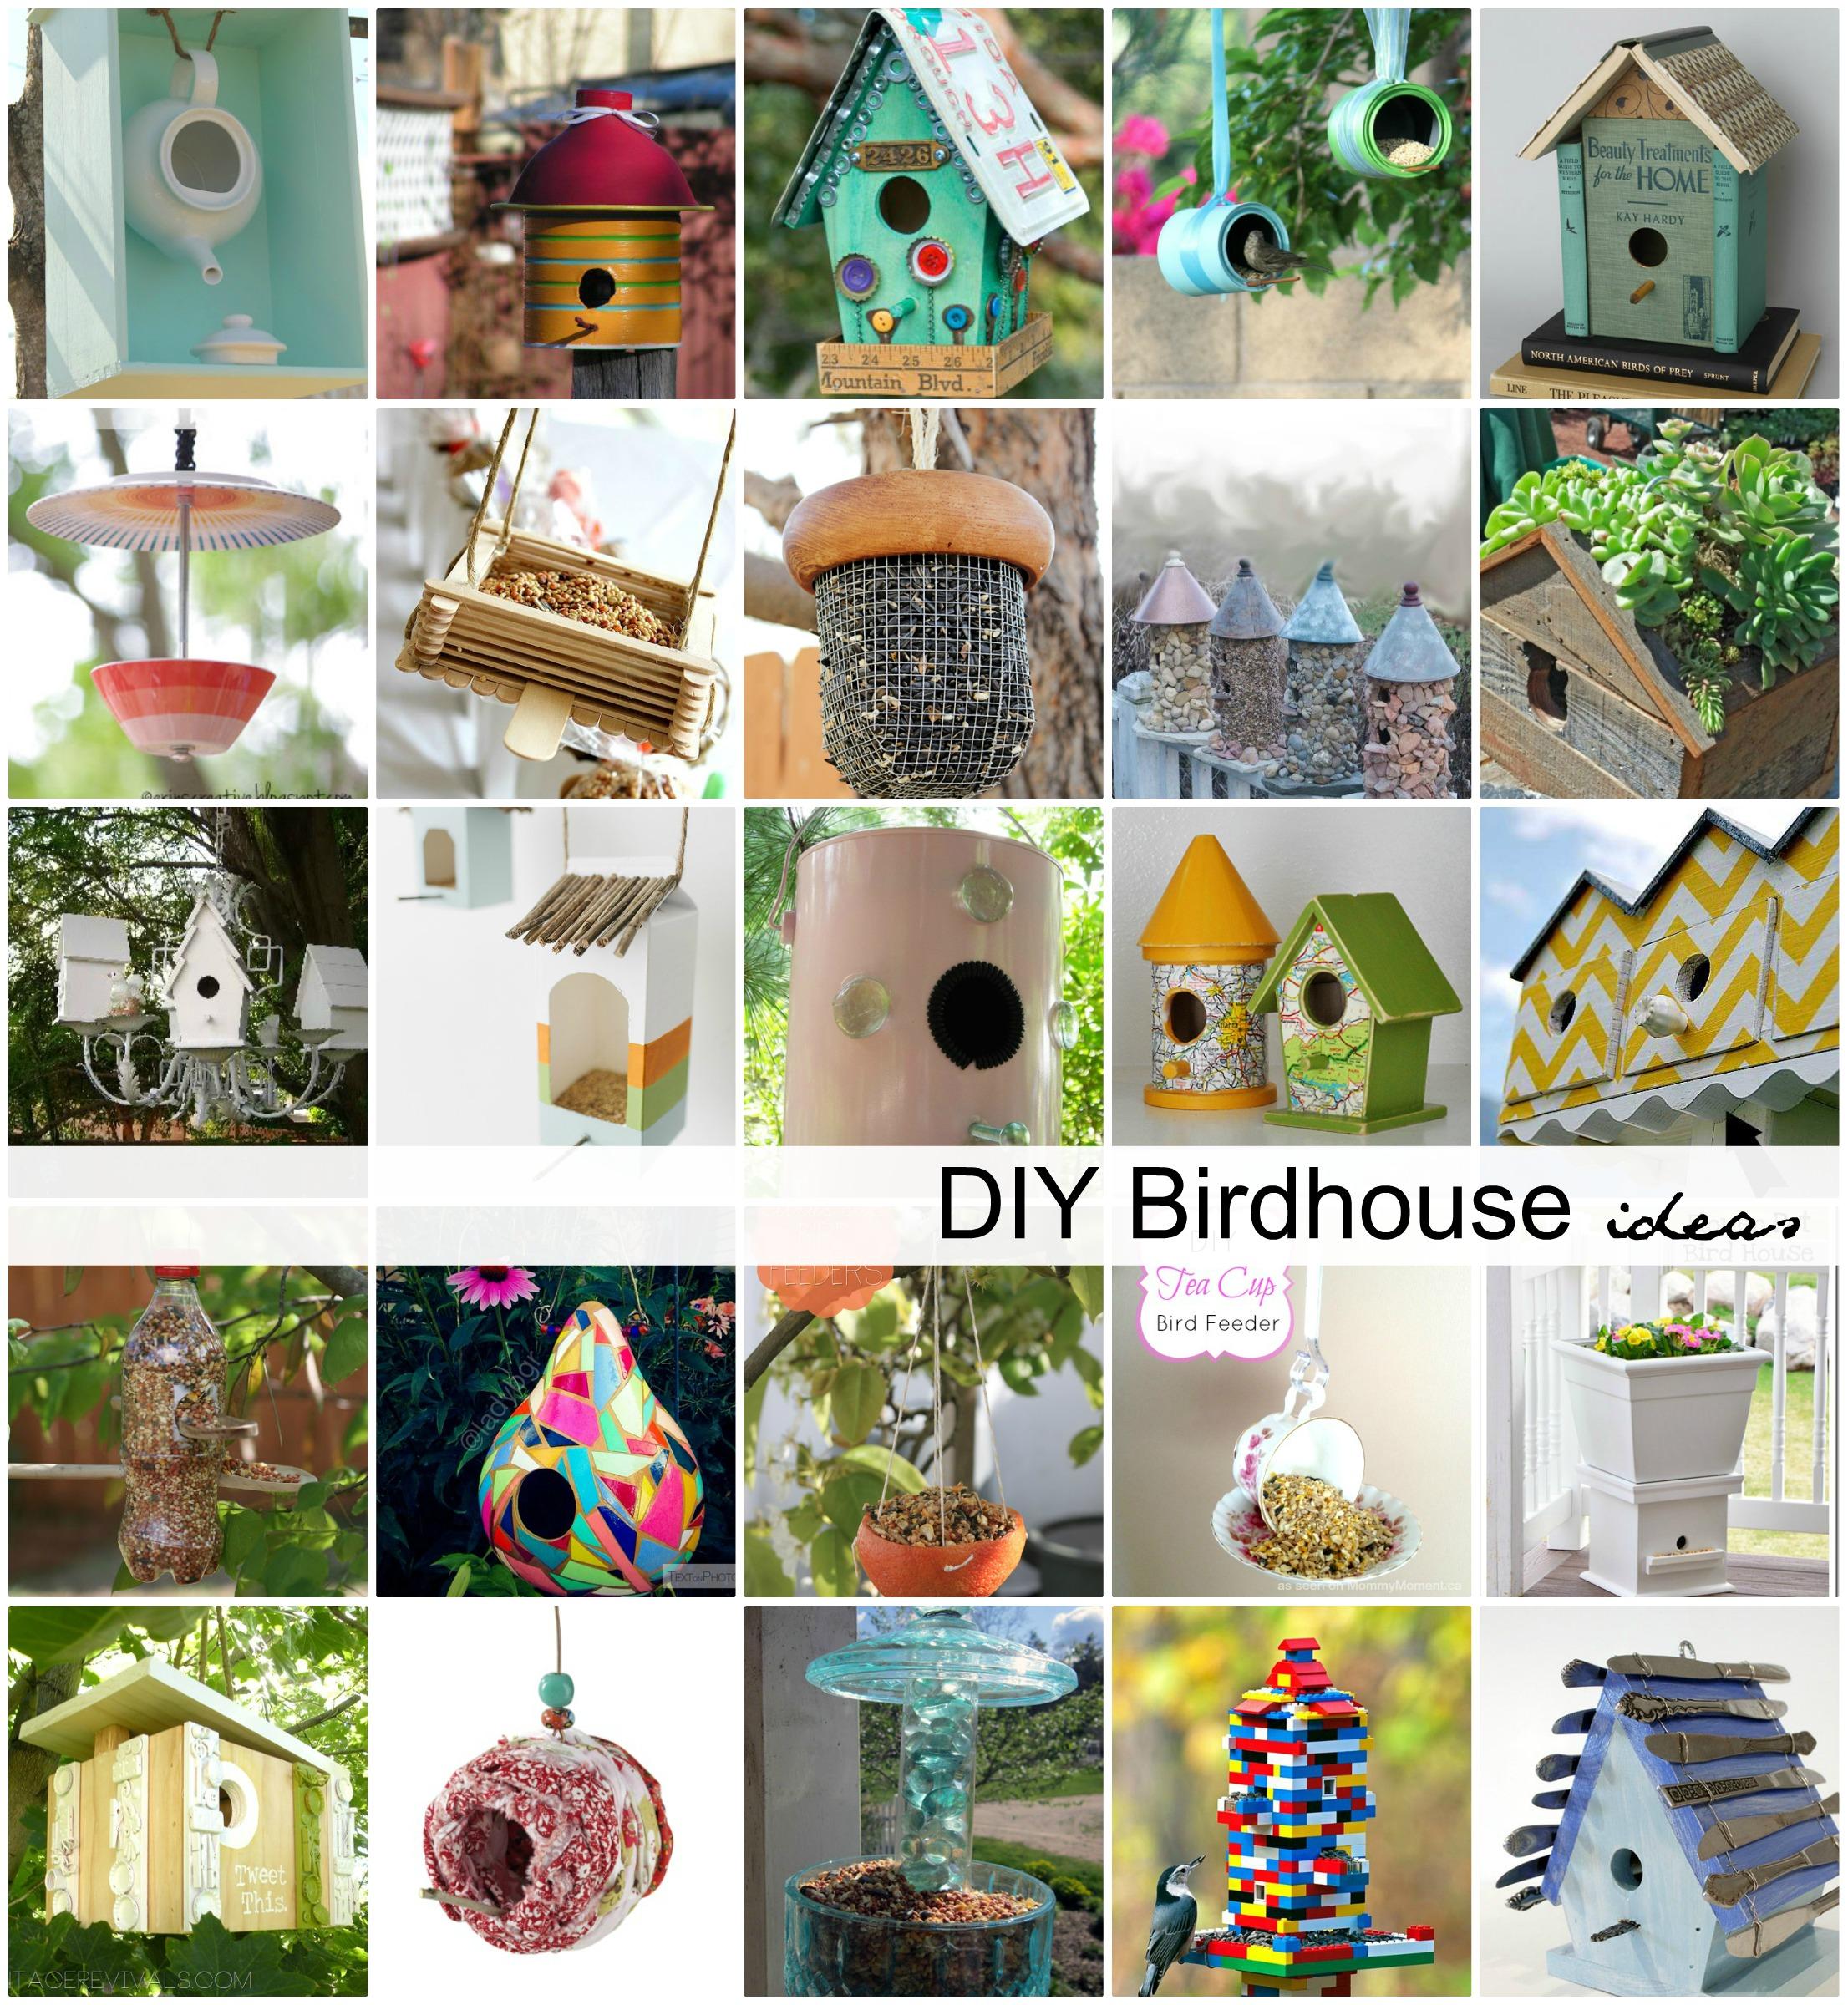 Birdhouse Diy Feeders Ideas 1 The Idea Room